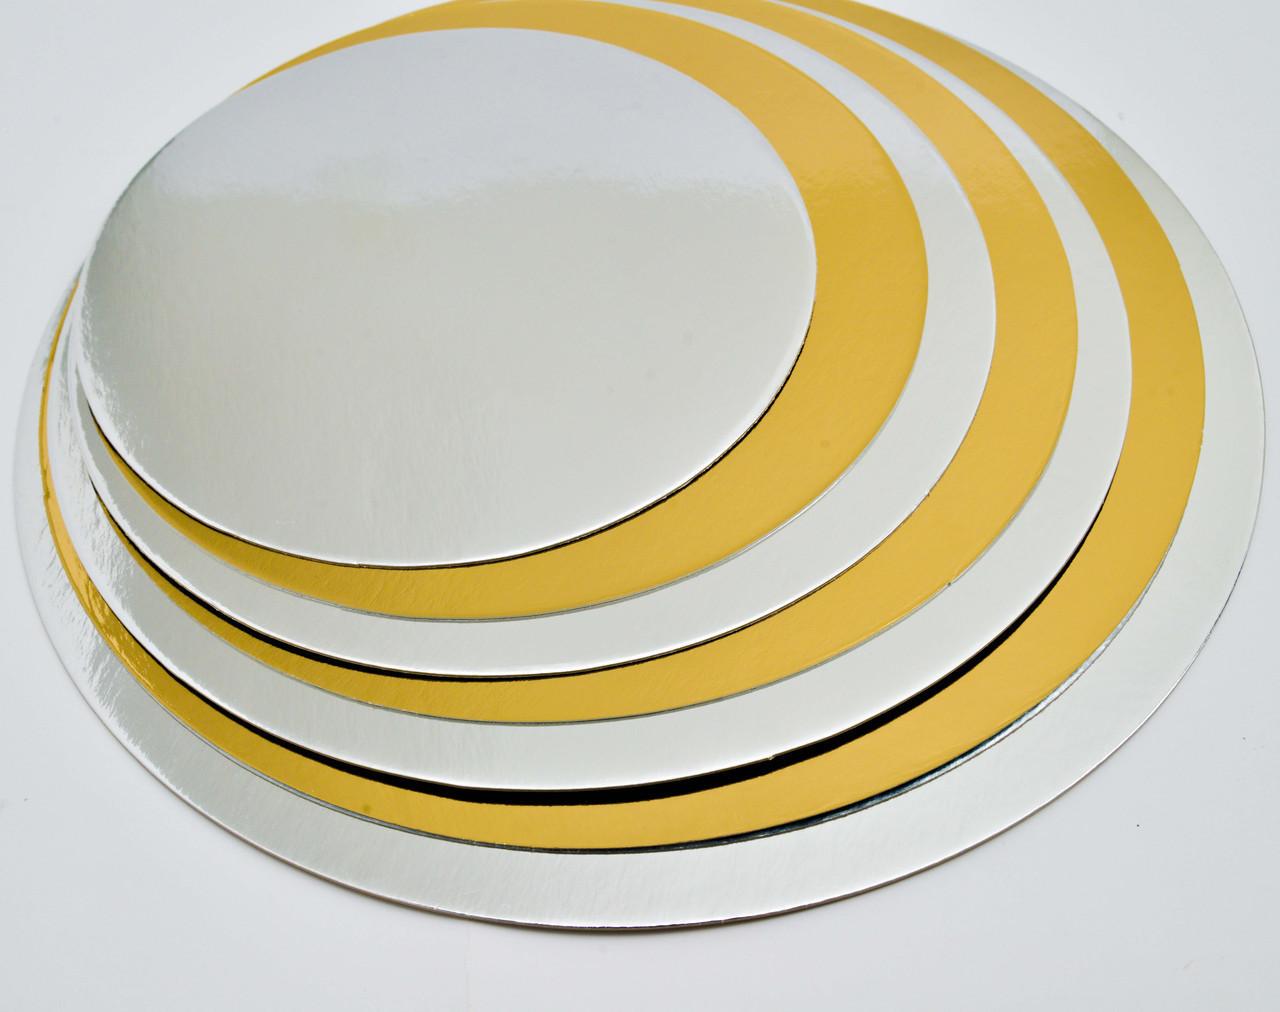 Подложка под торты круг Ø-335 мм толщина 0.8 мм (100 шт упаковка)